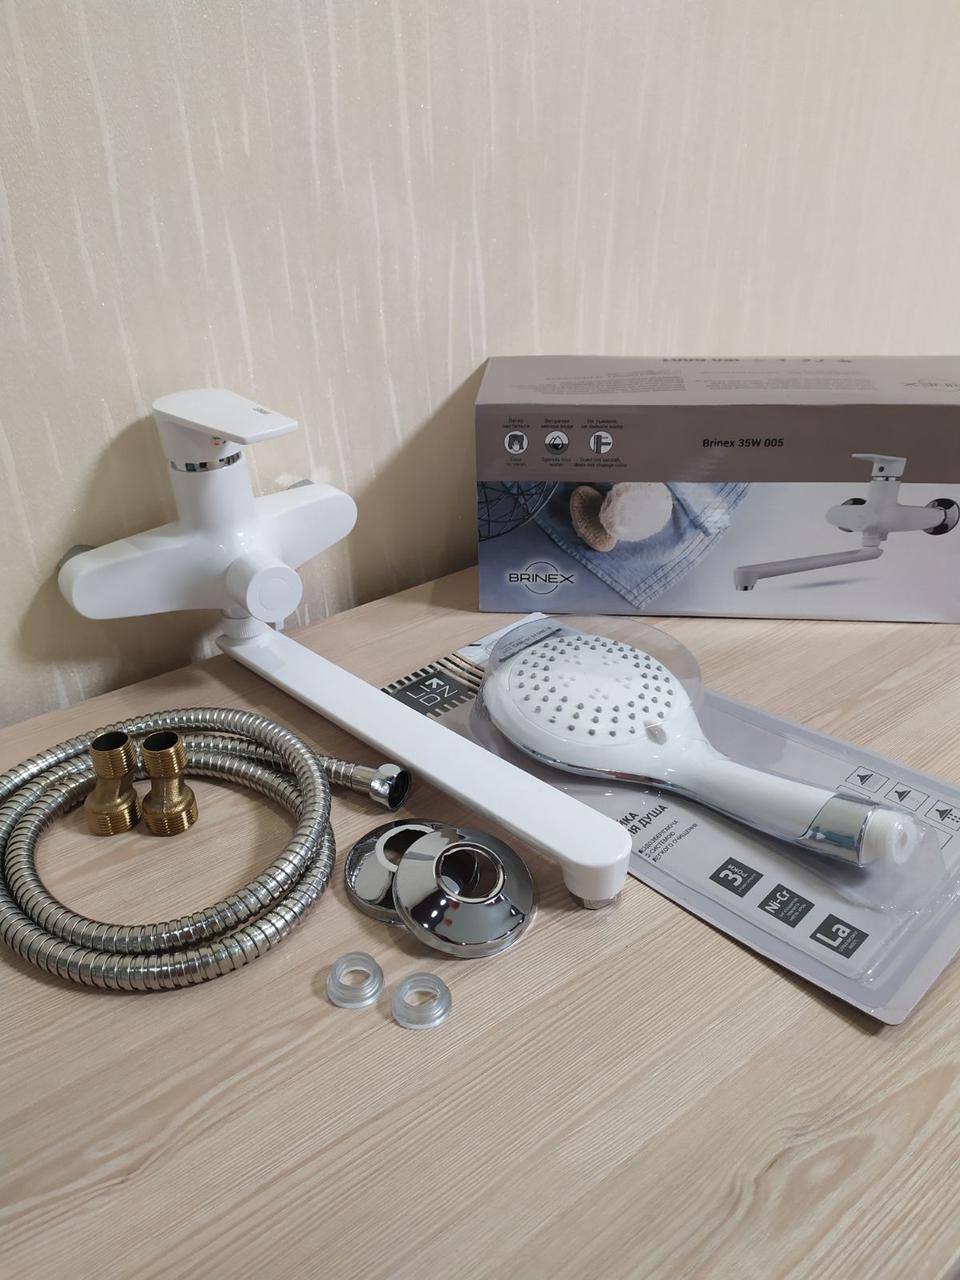 Пластиковый смеситель для ванны в комплекте с длинным изливом (гусаком) Brinex 35W005-002